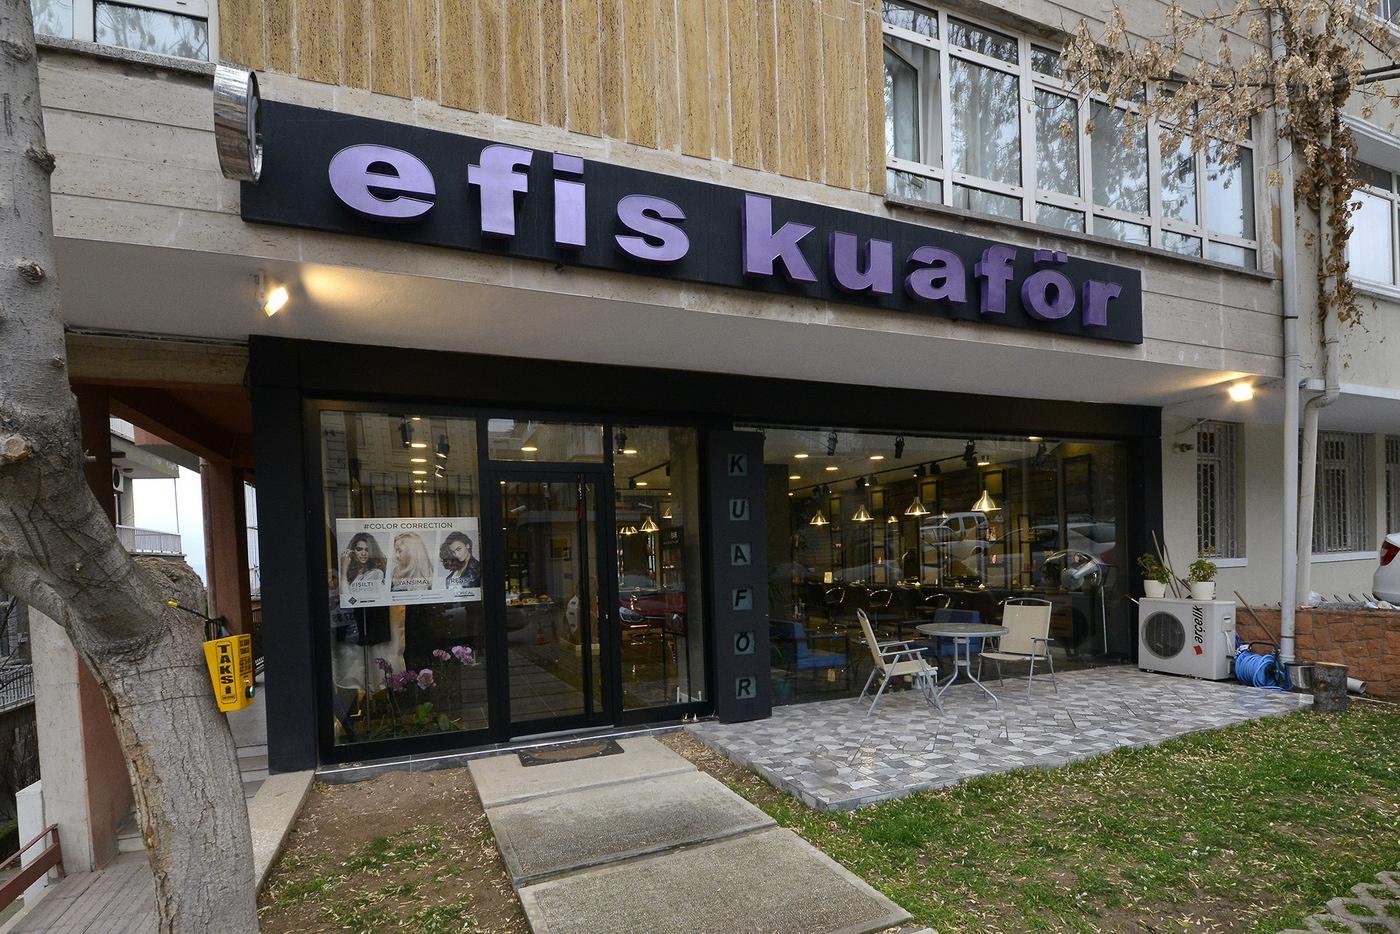 Ankara - Efis Kuaför